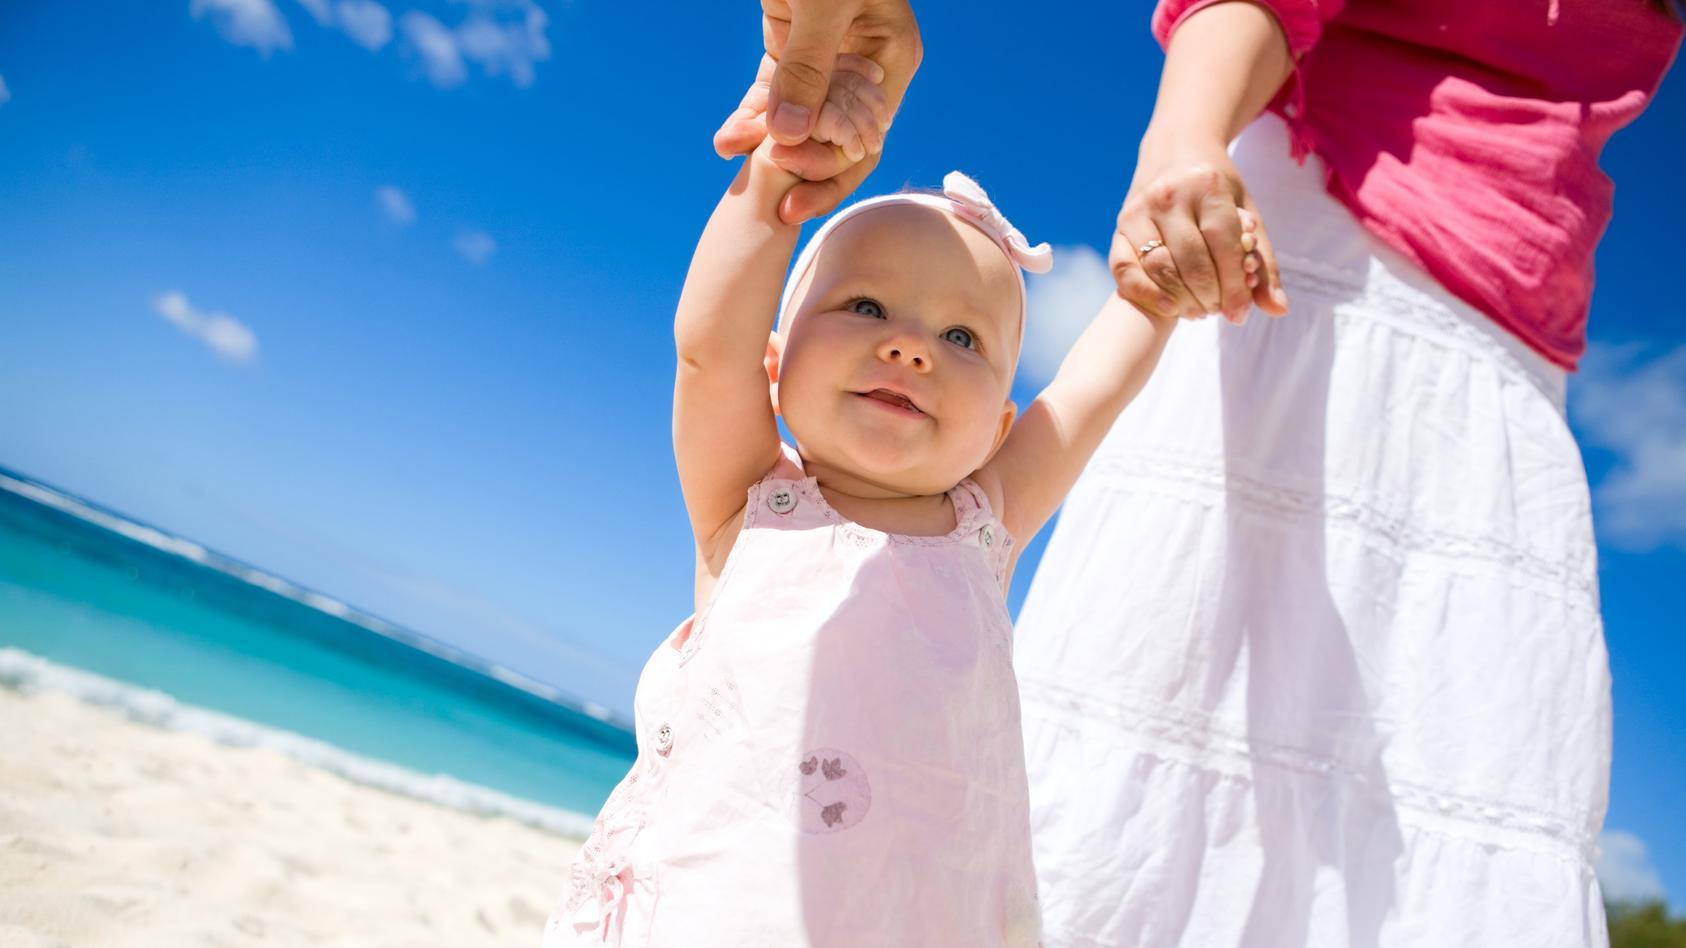 Nicht nur im Sommer sollten Kinder vor der Sonne geschützt werden.